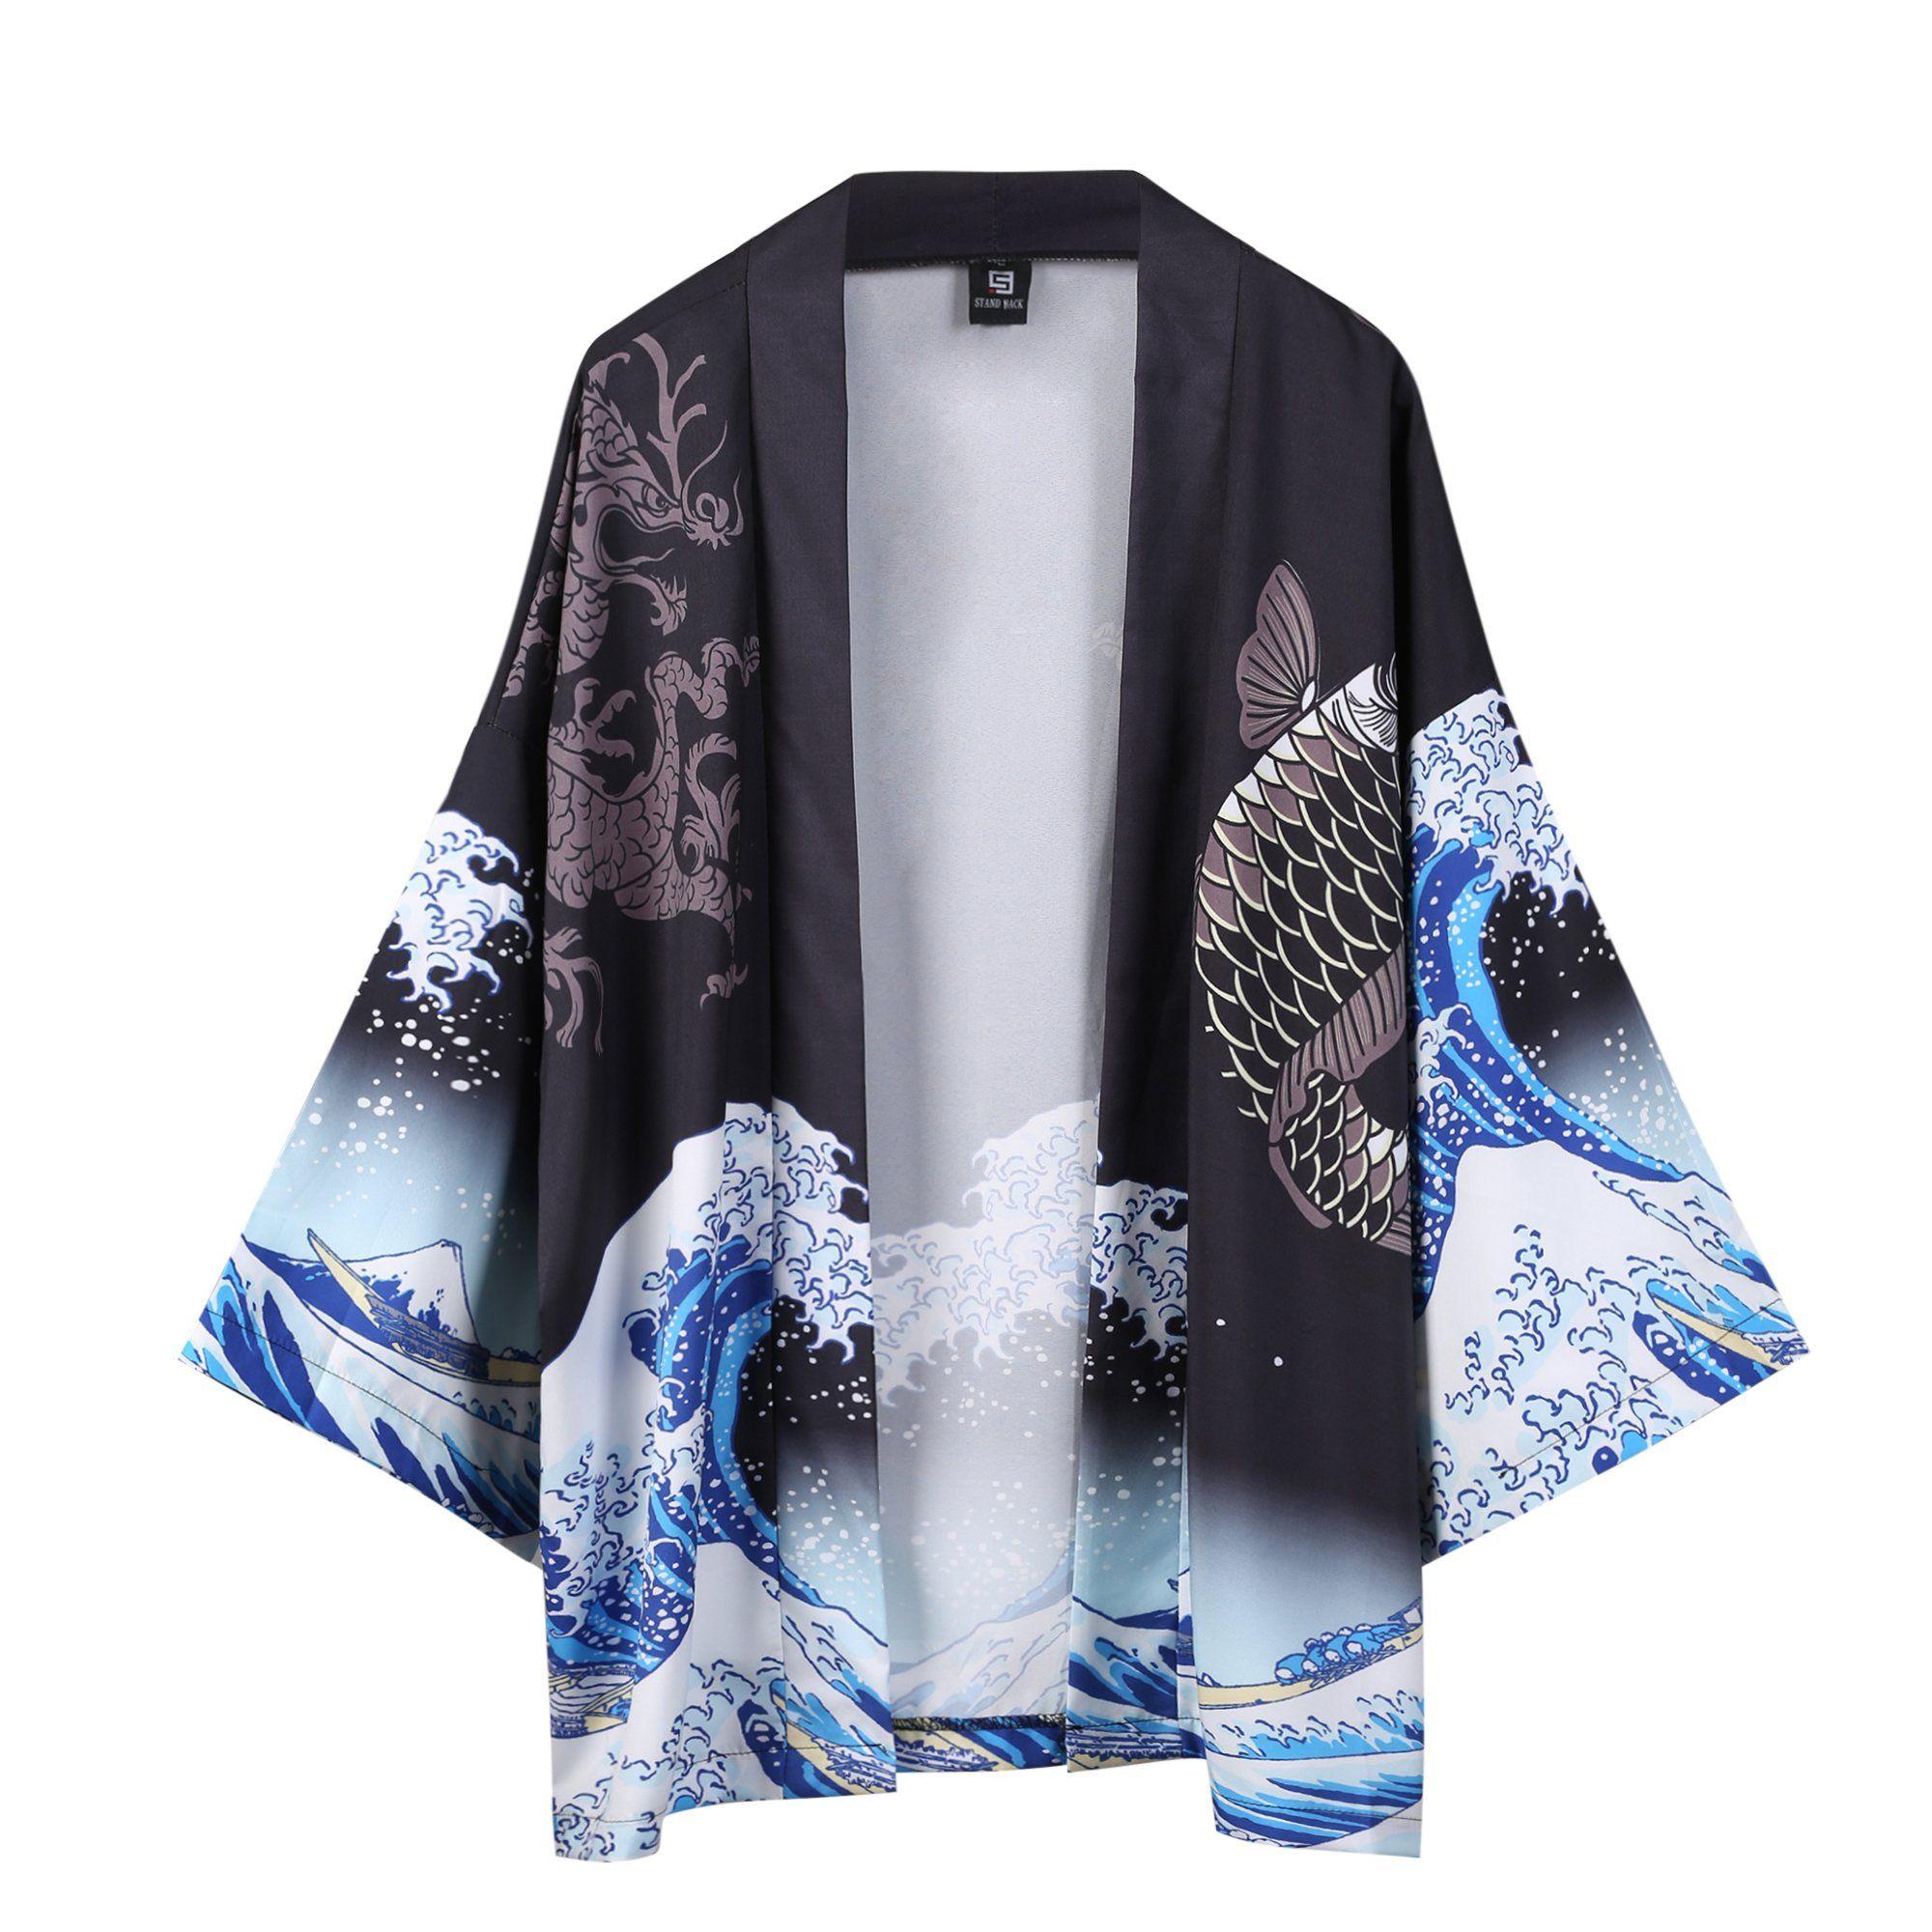 Details about  /Japan Kimono Sakura Blue With White Long Woman Kimono Dressing Gown Cotton M XL